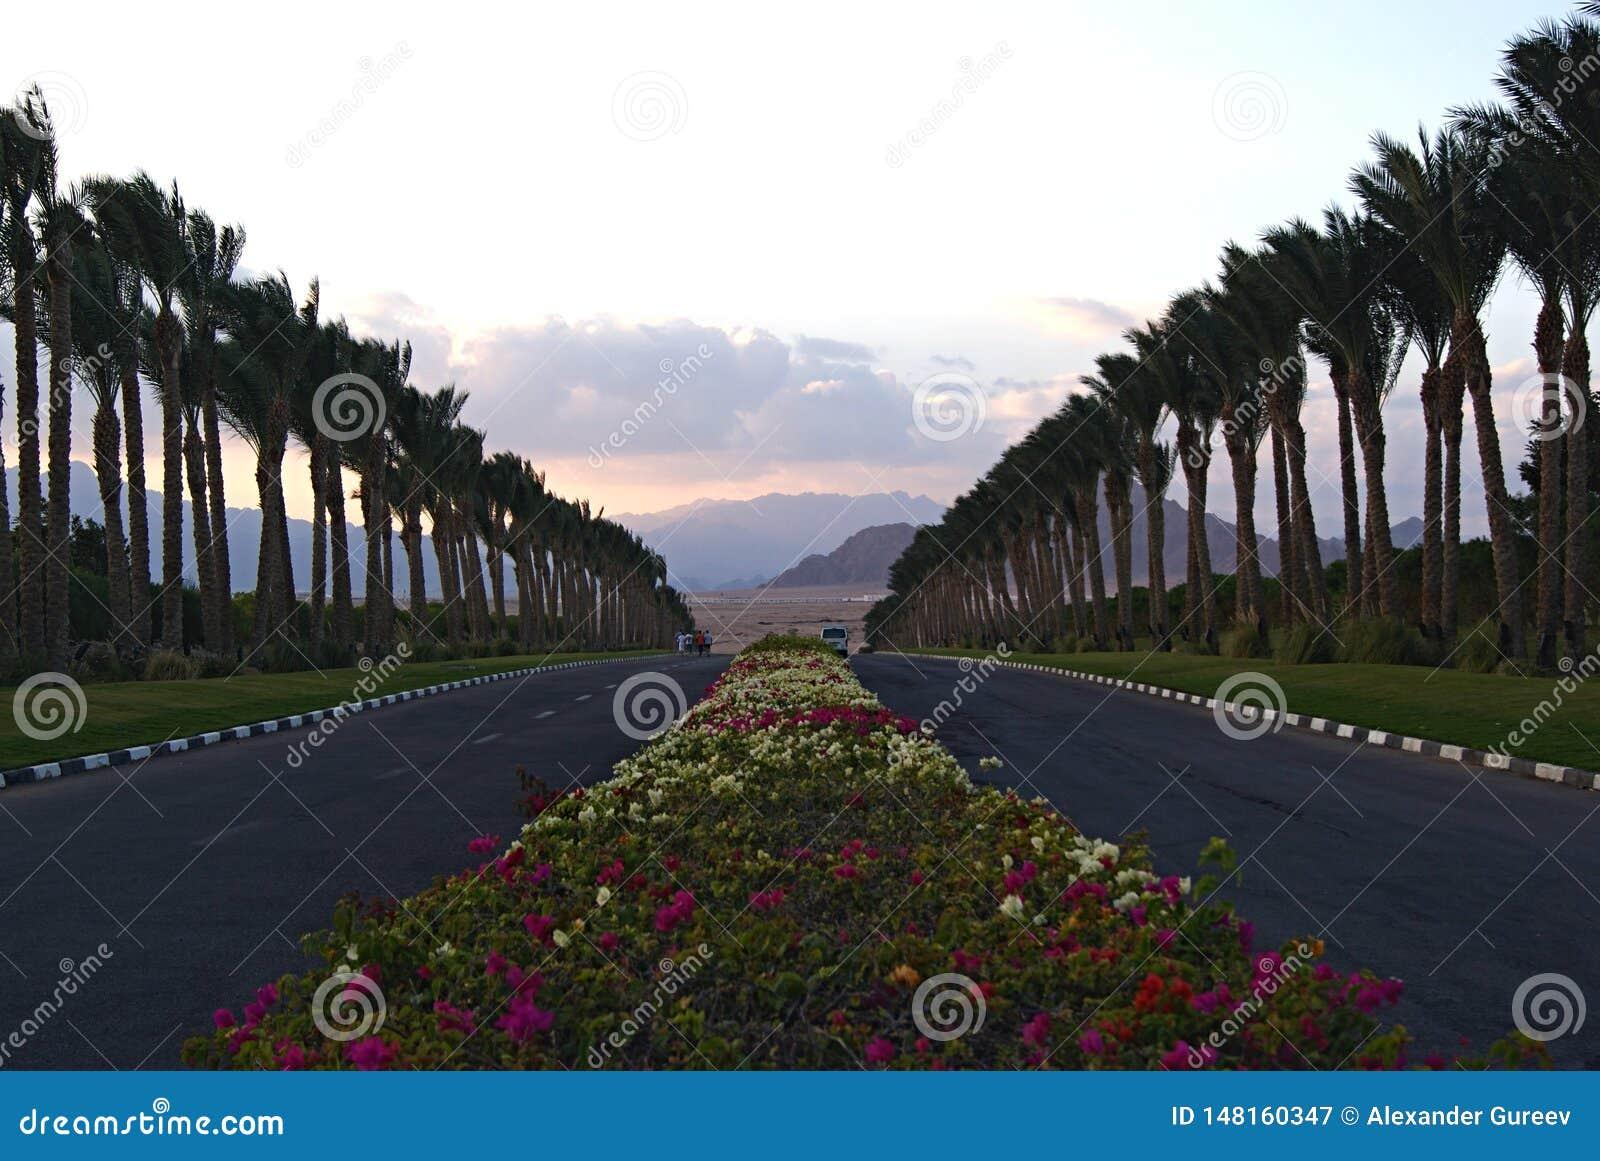 Kwiaty i drzewka palmowe na sposobie pustynia